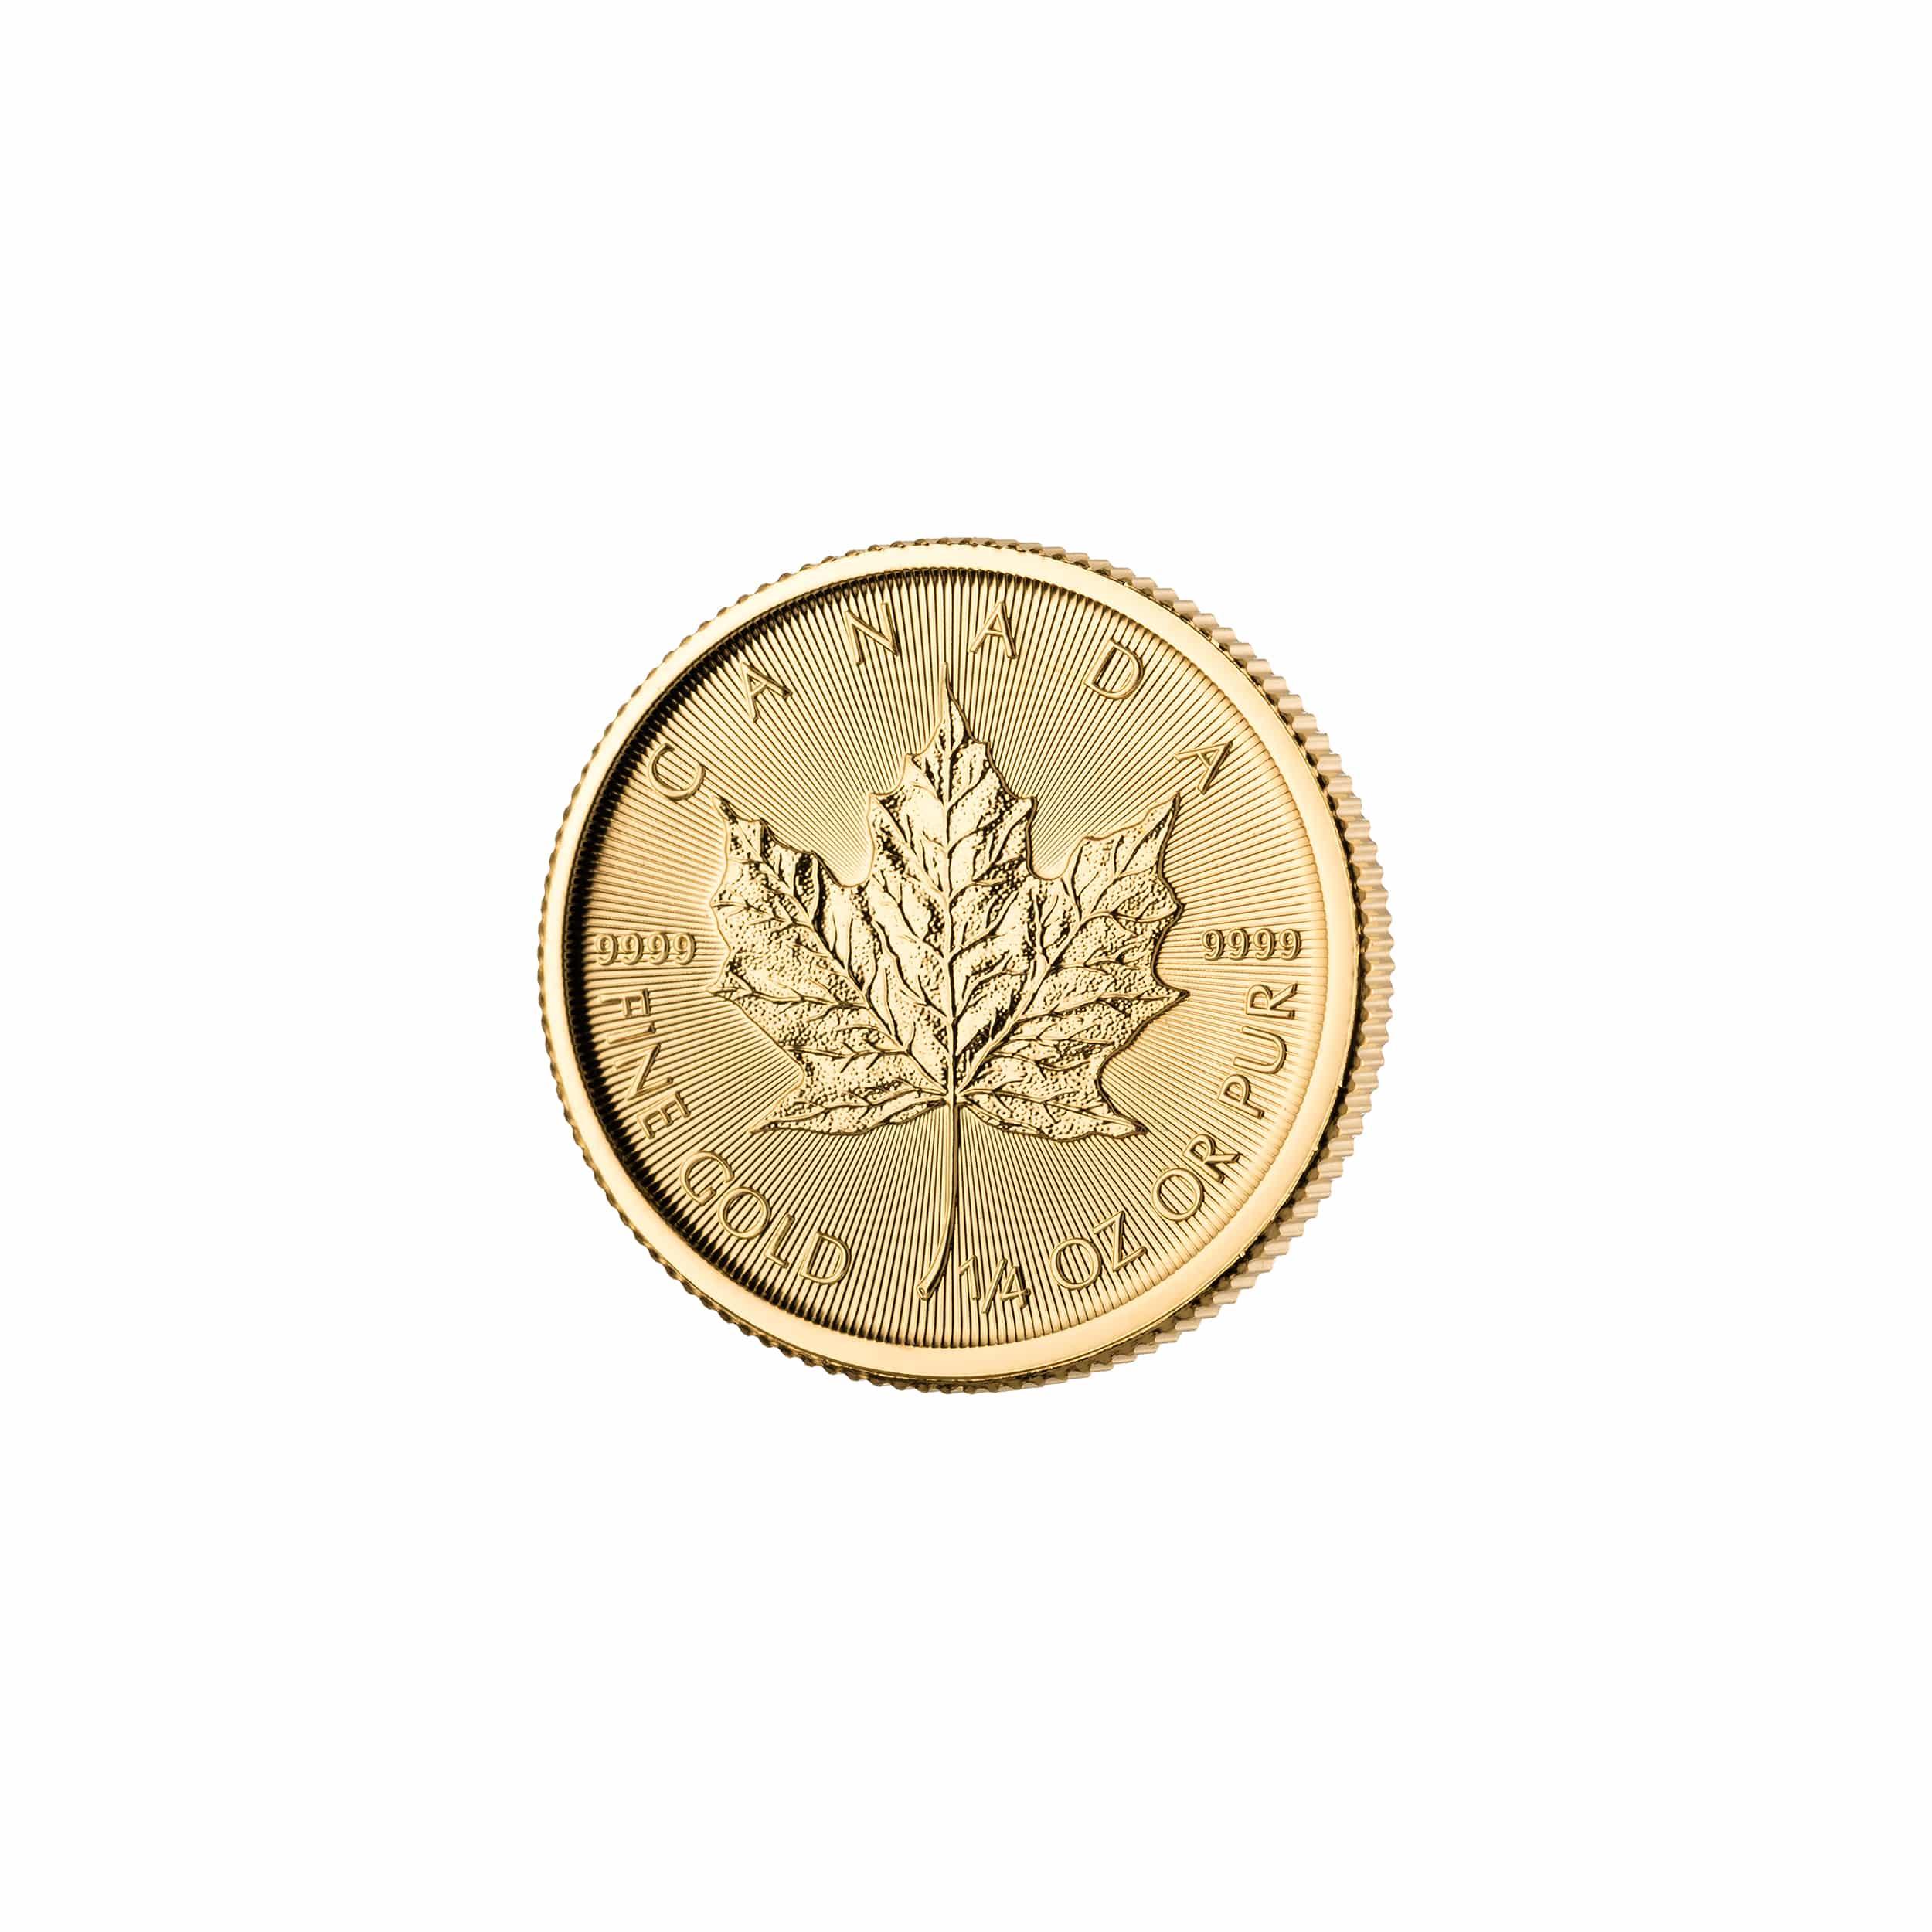 Maple Leaf Goldmünzen Kaufen Haeger Gmbh